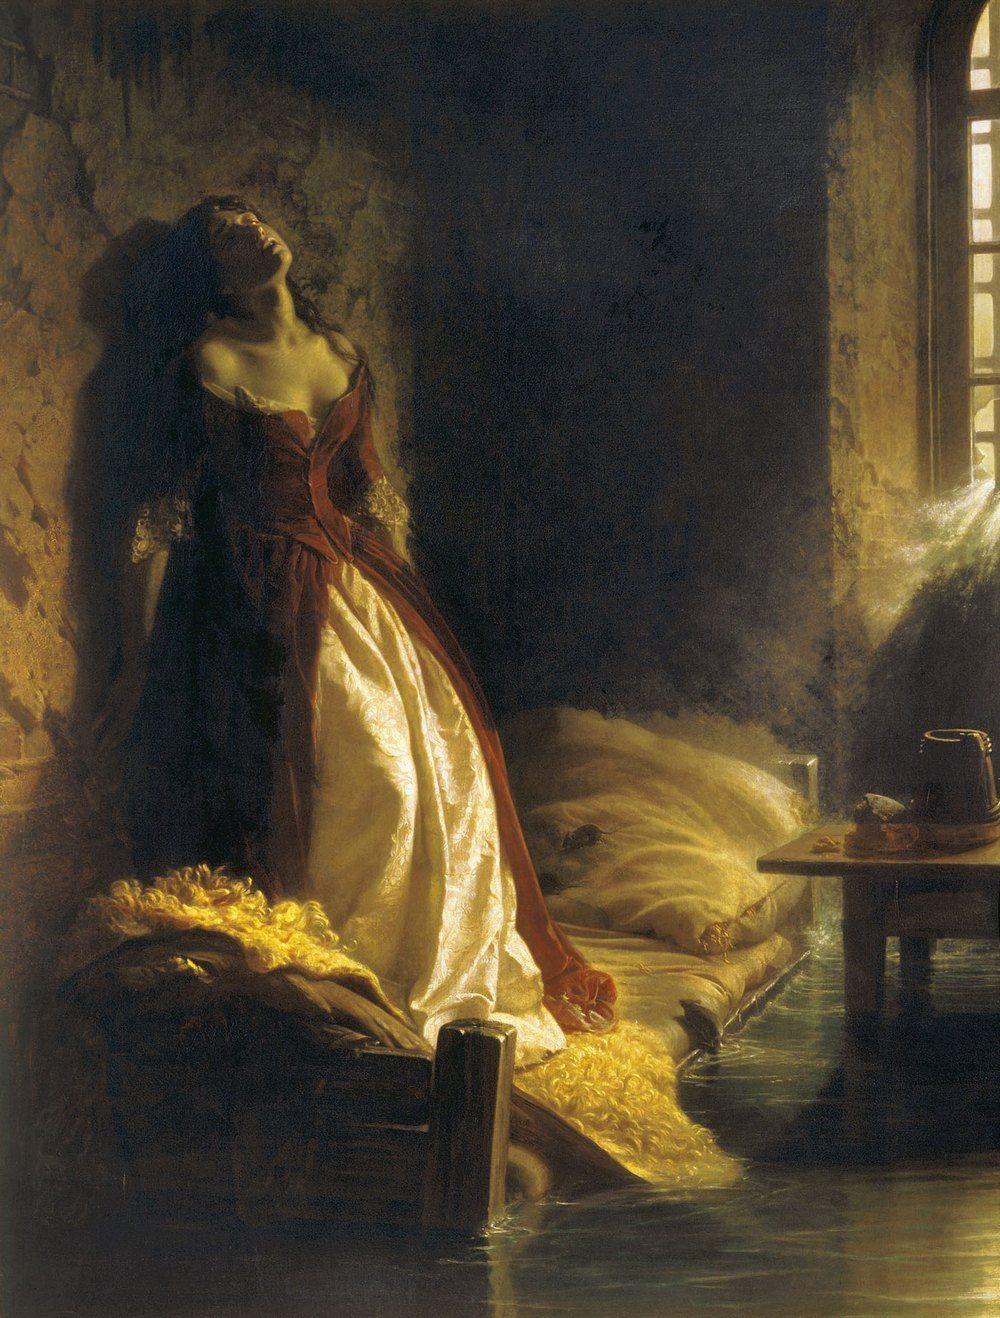 Według legendy Tarakanowa zginęła podczas powodzi. To błędne przekonanie ilustruje obraz Konstantina Flawickiego z 1864 roku (źródło: domena publiczna).